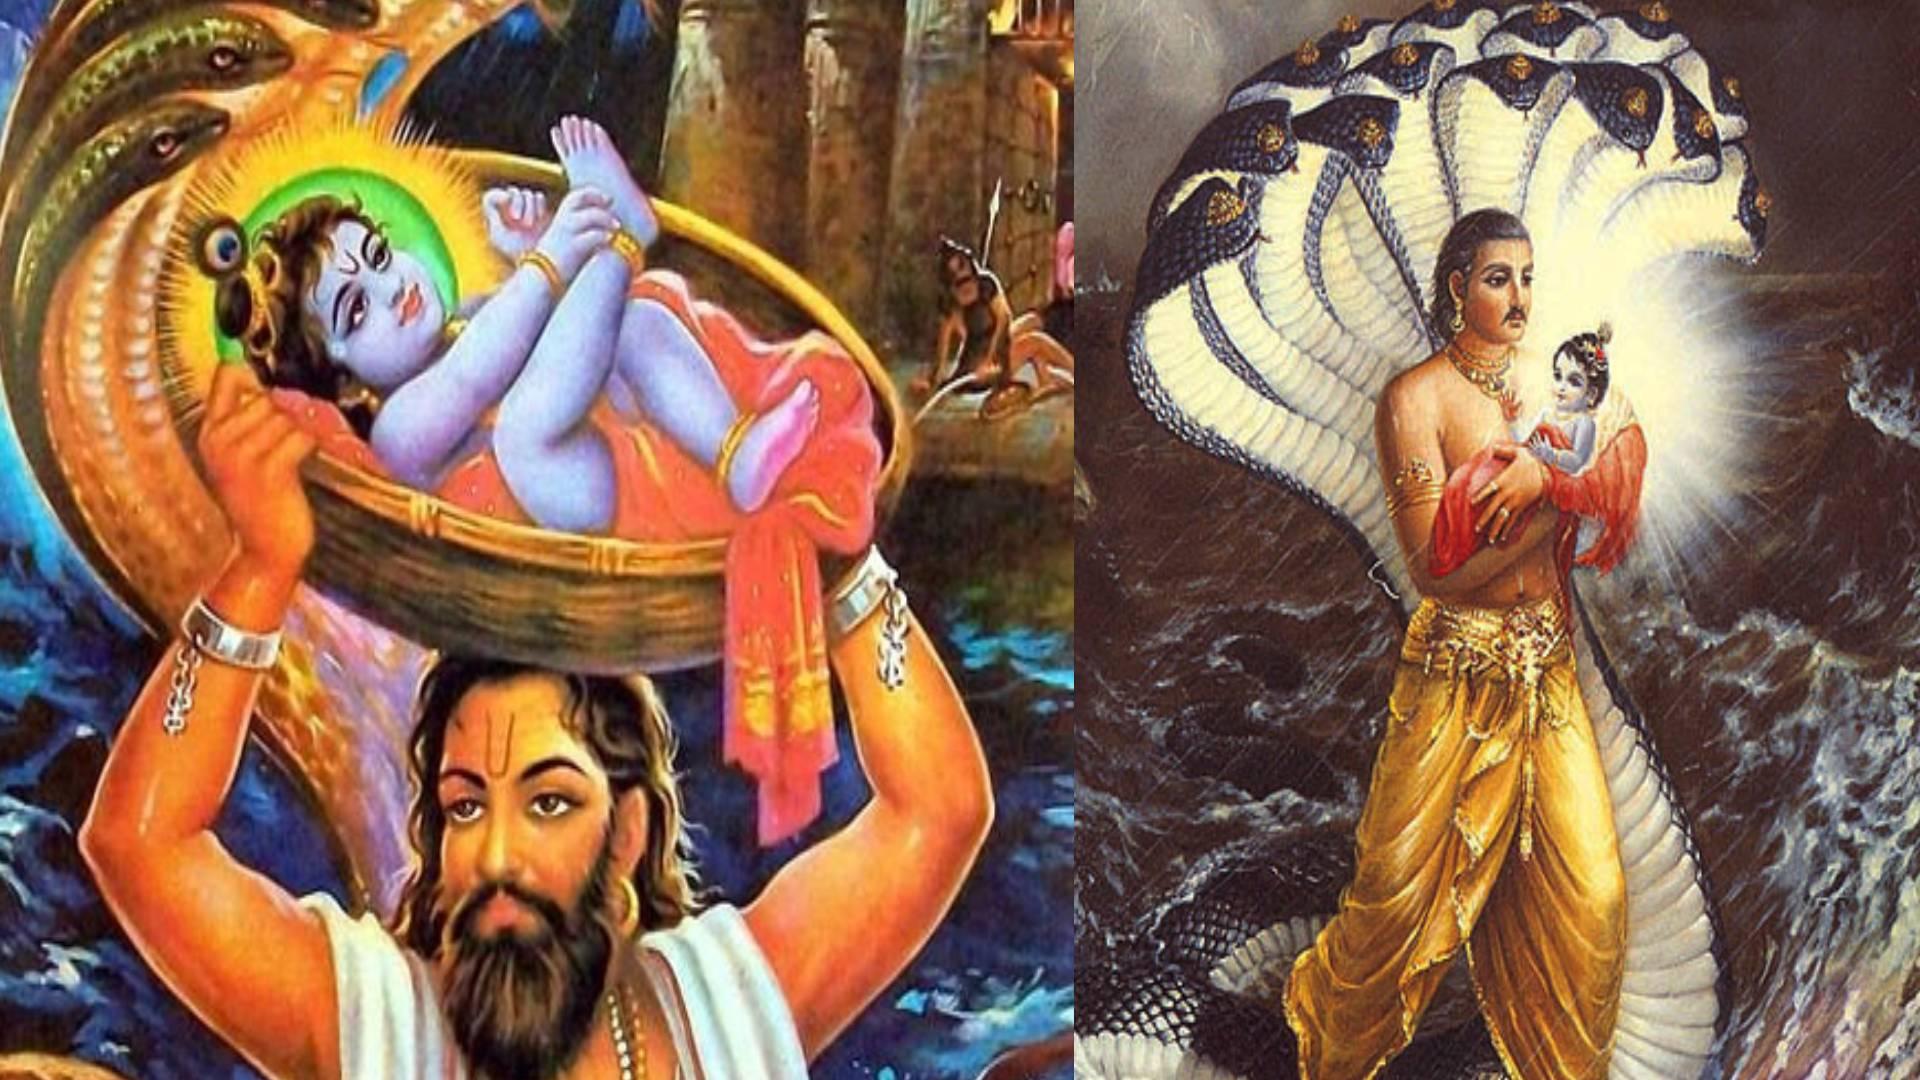 Krishna Janmashtami 2019: जानिए क्या है कृष्ण जन्माष्टमी का इतिहास और महत्व, ऐसे हुआ था पापी कंस का वध